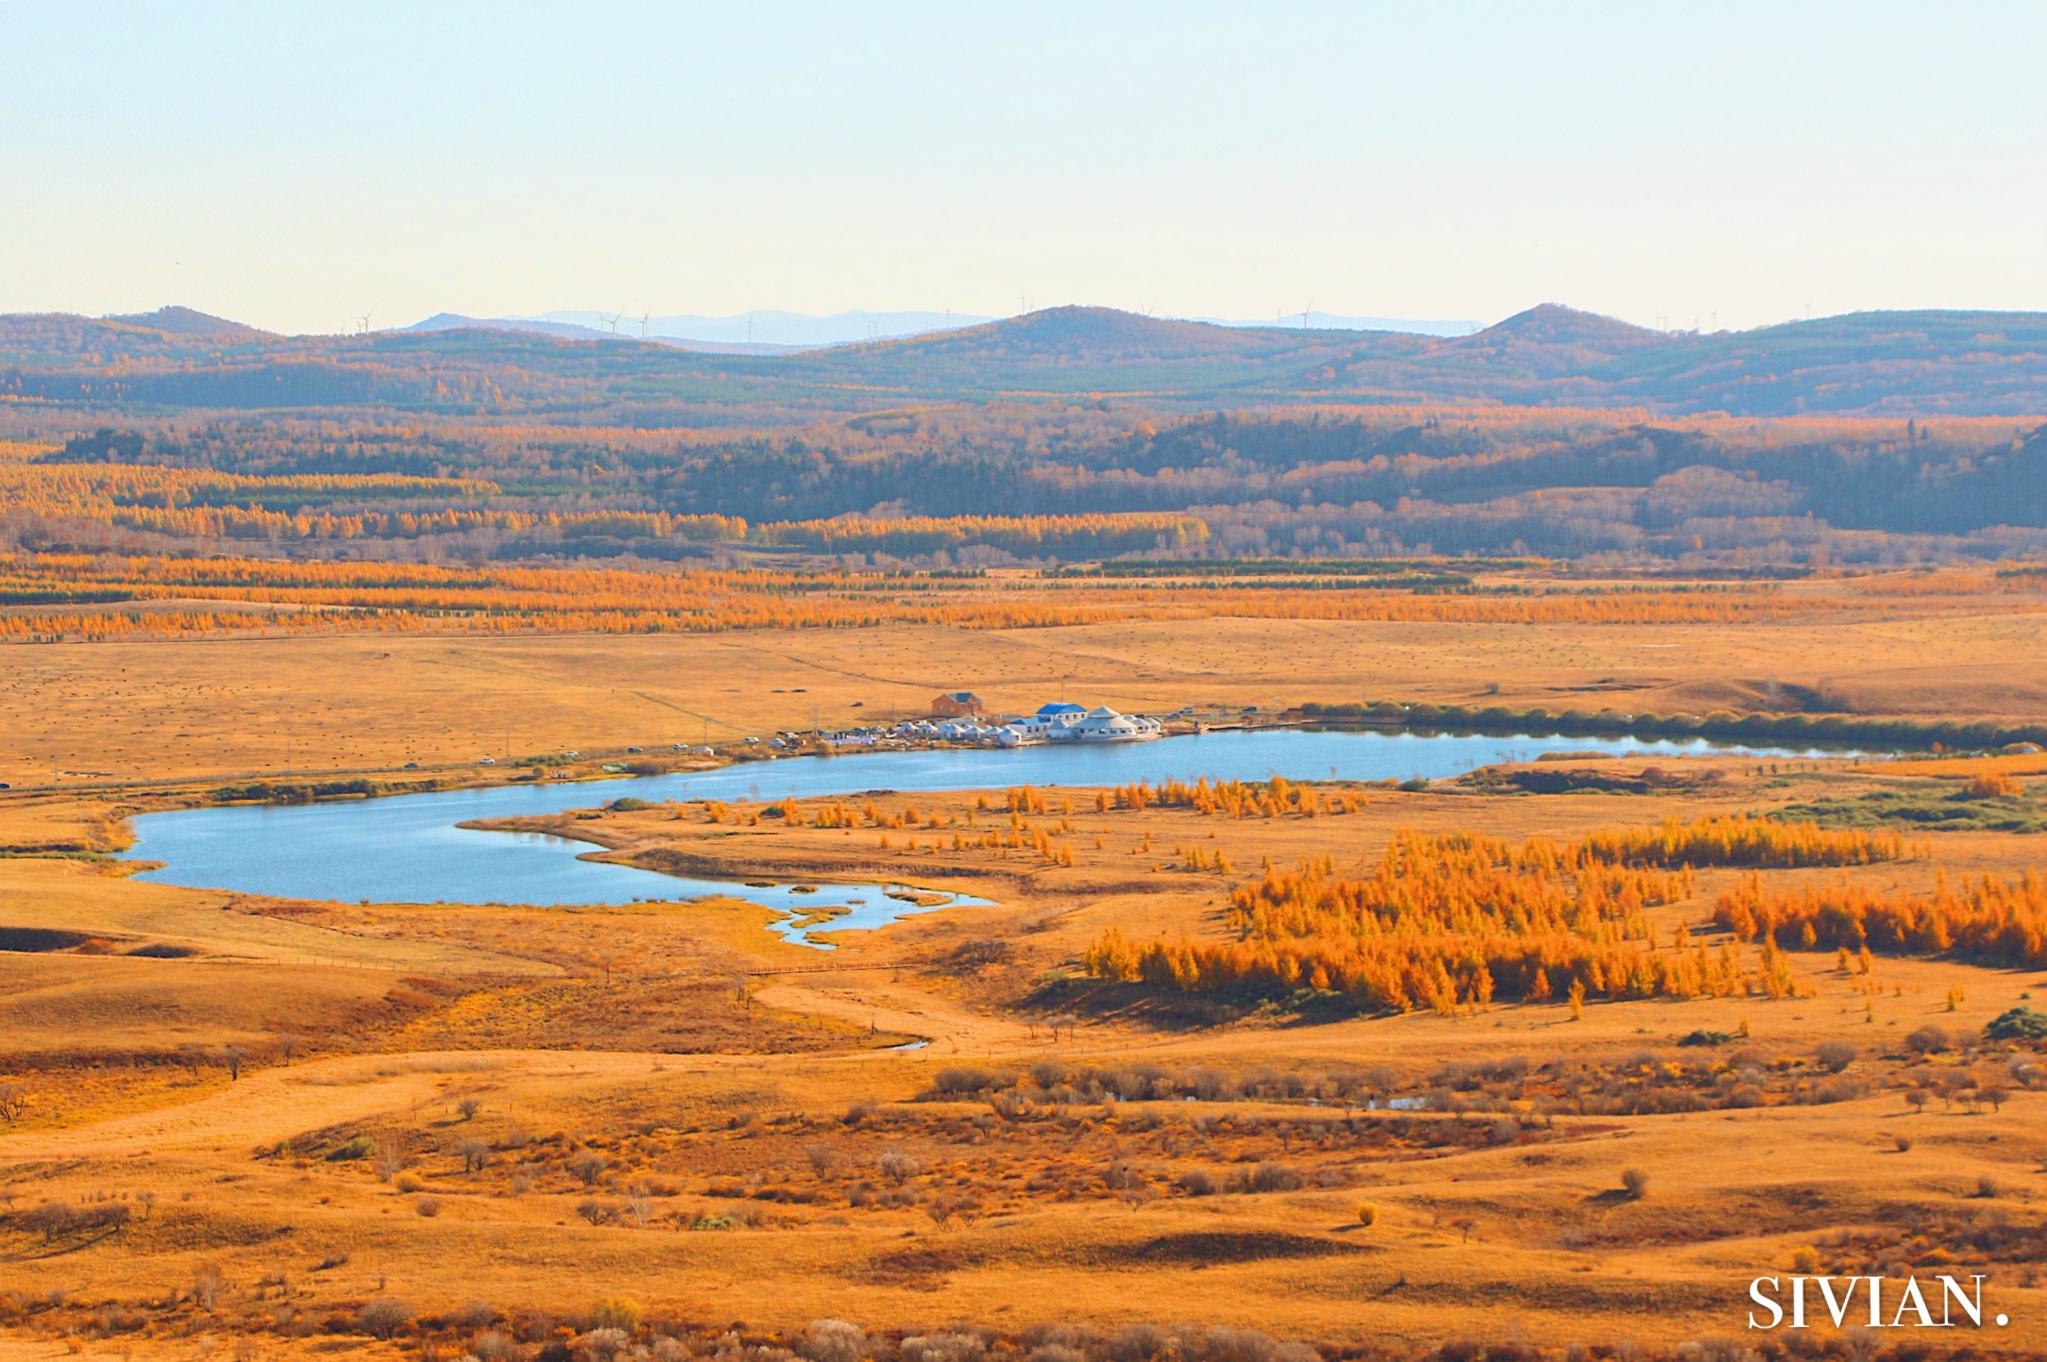 北上直击塞罕坝与乌兰布统,来看秋天的尾巴